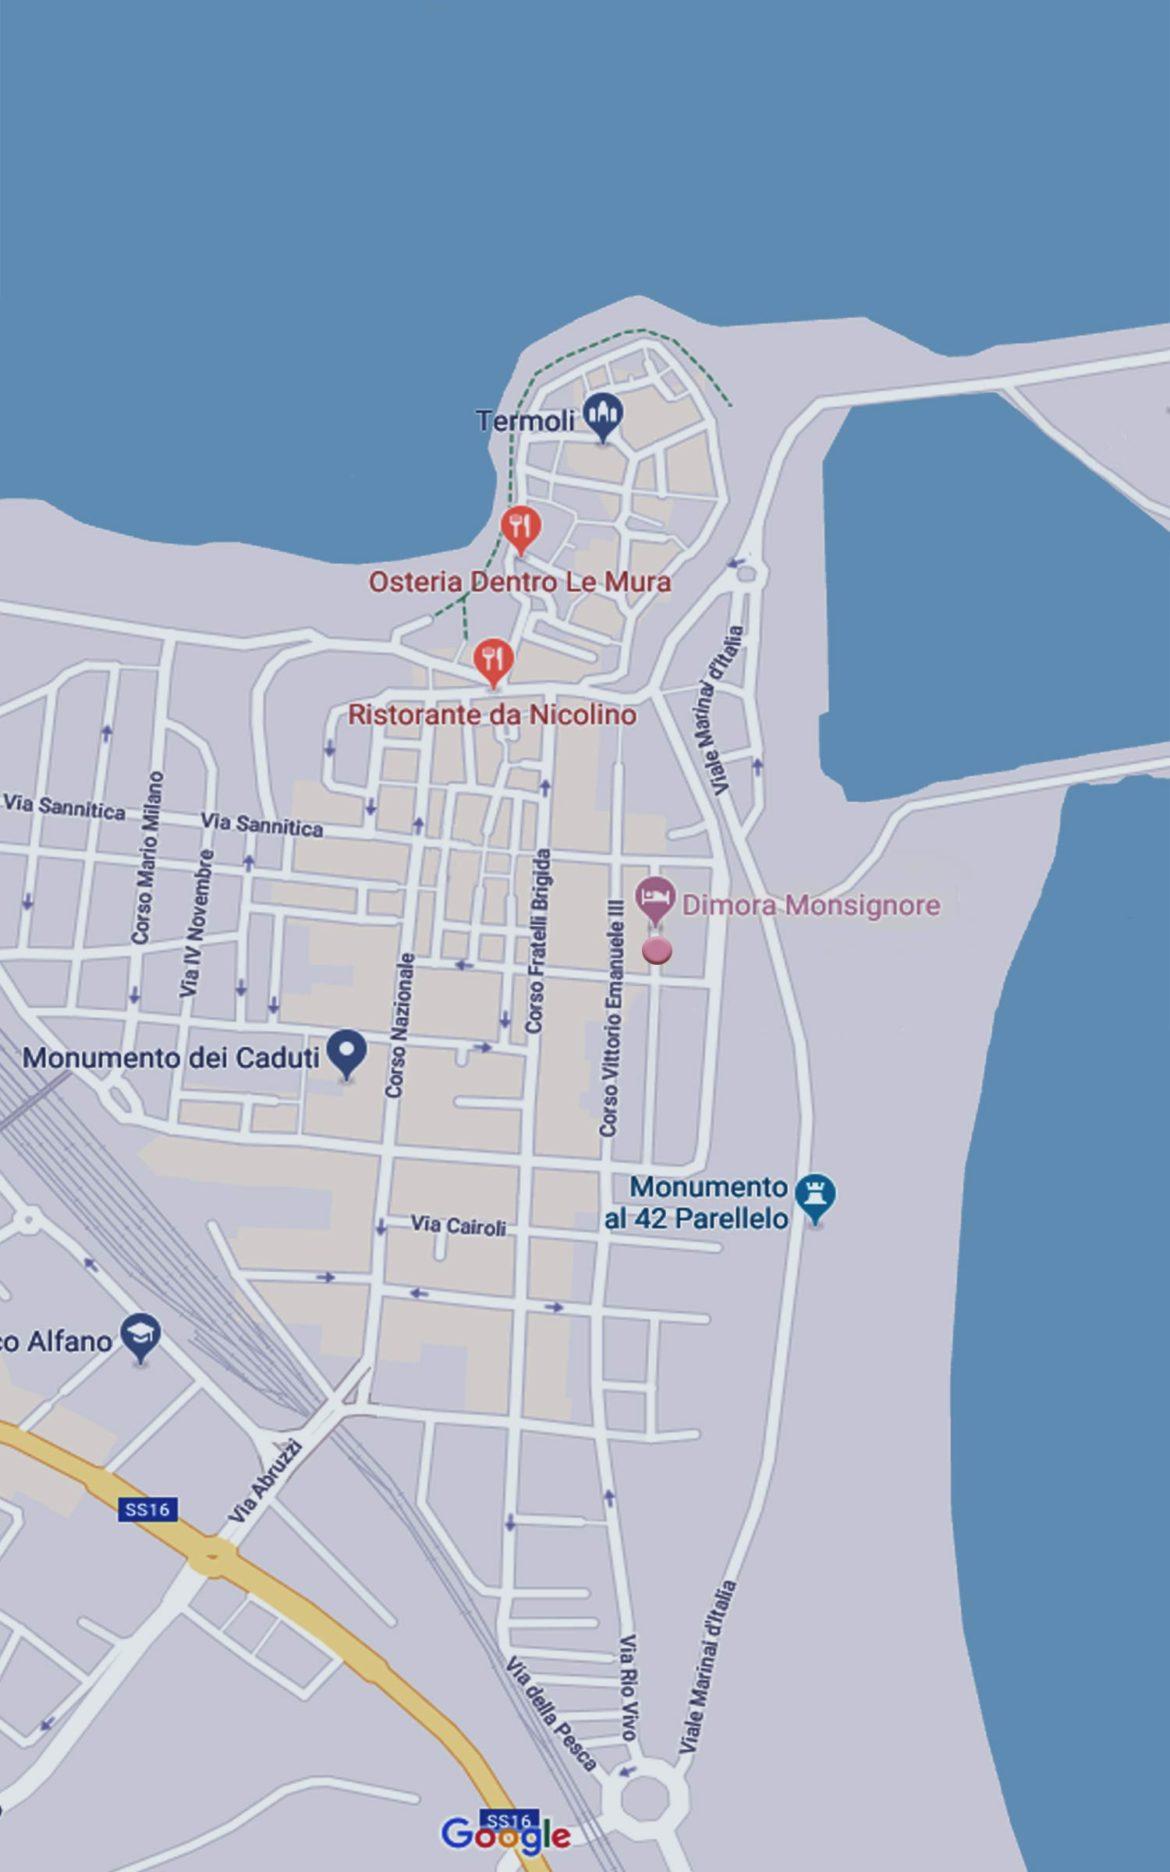 Maps Termoli e Dimora Monsignore